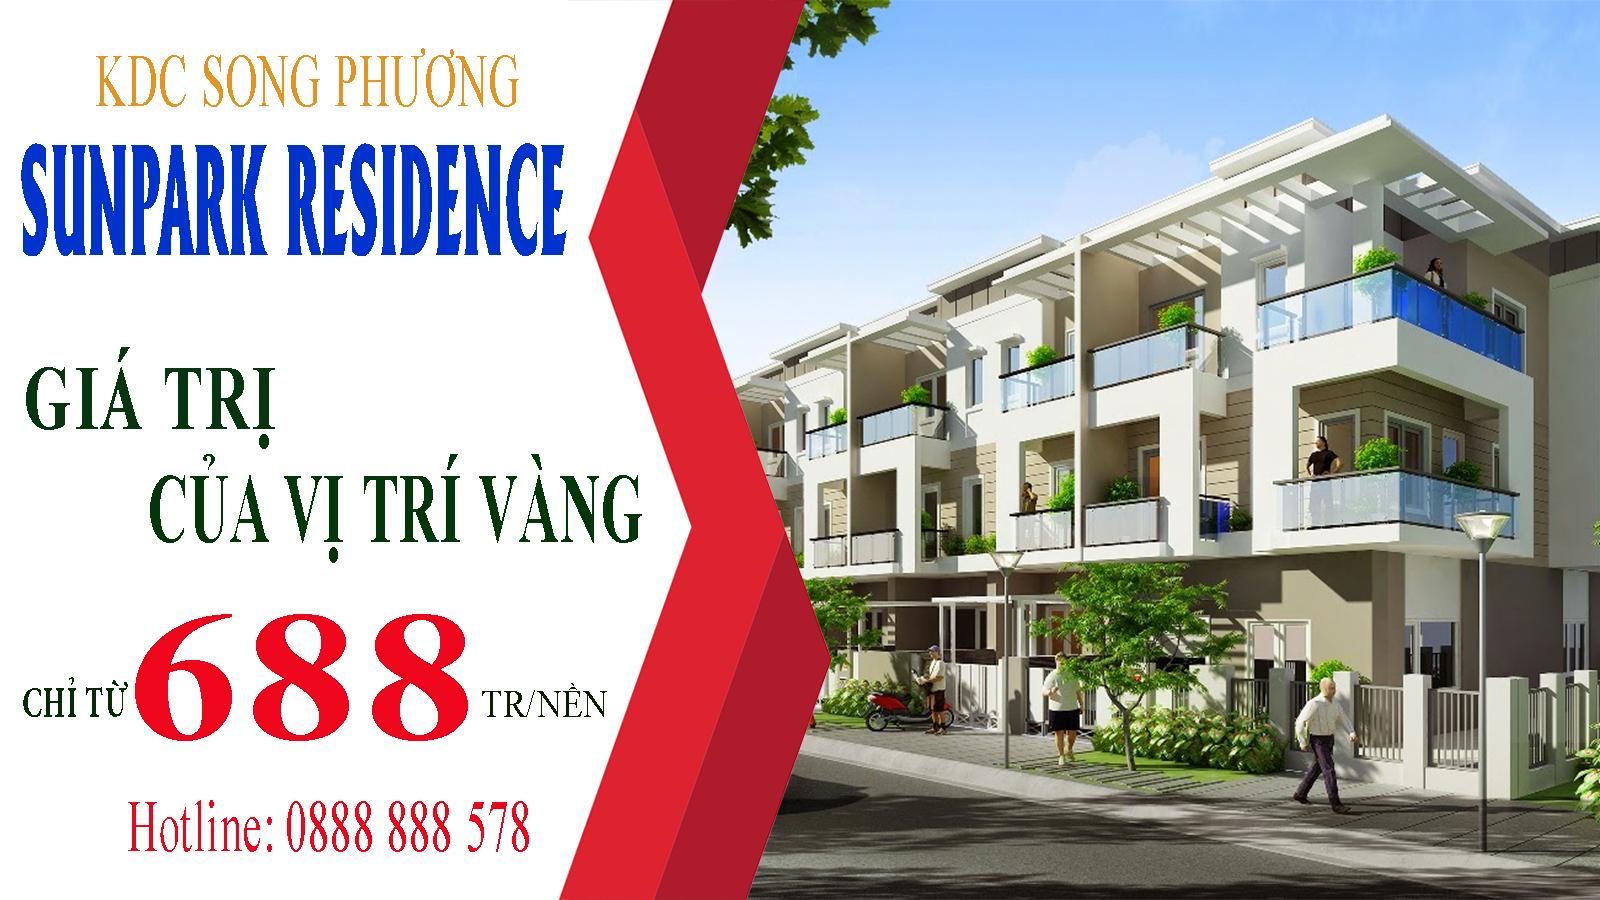 KDC Song Phuong